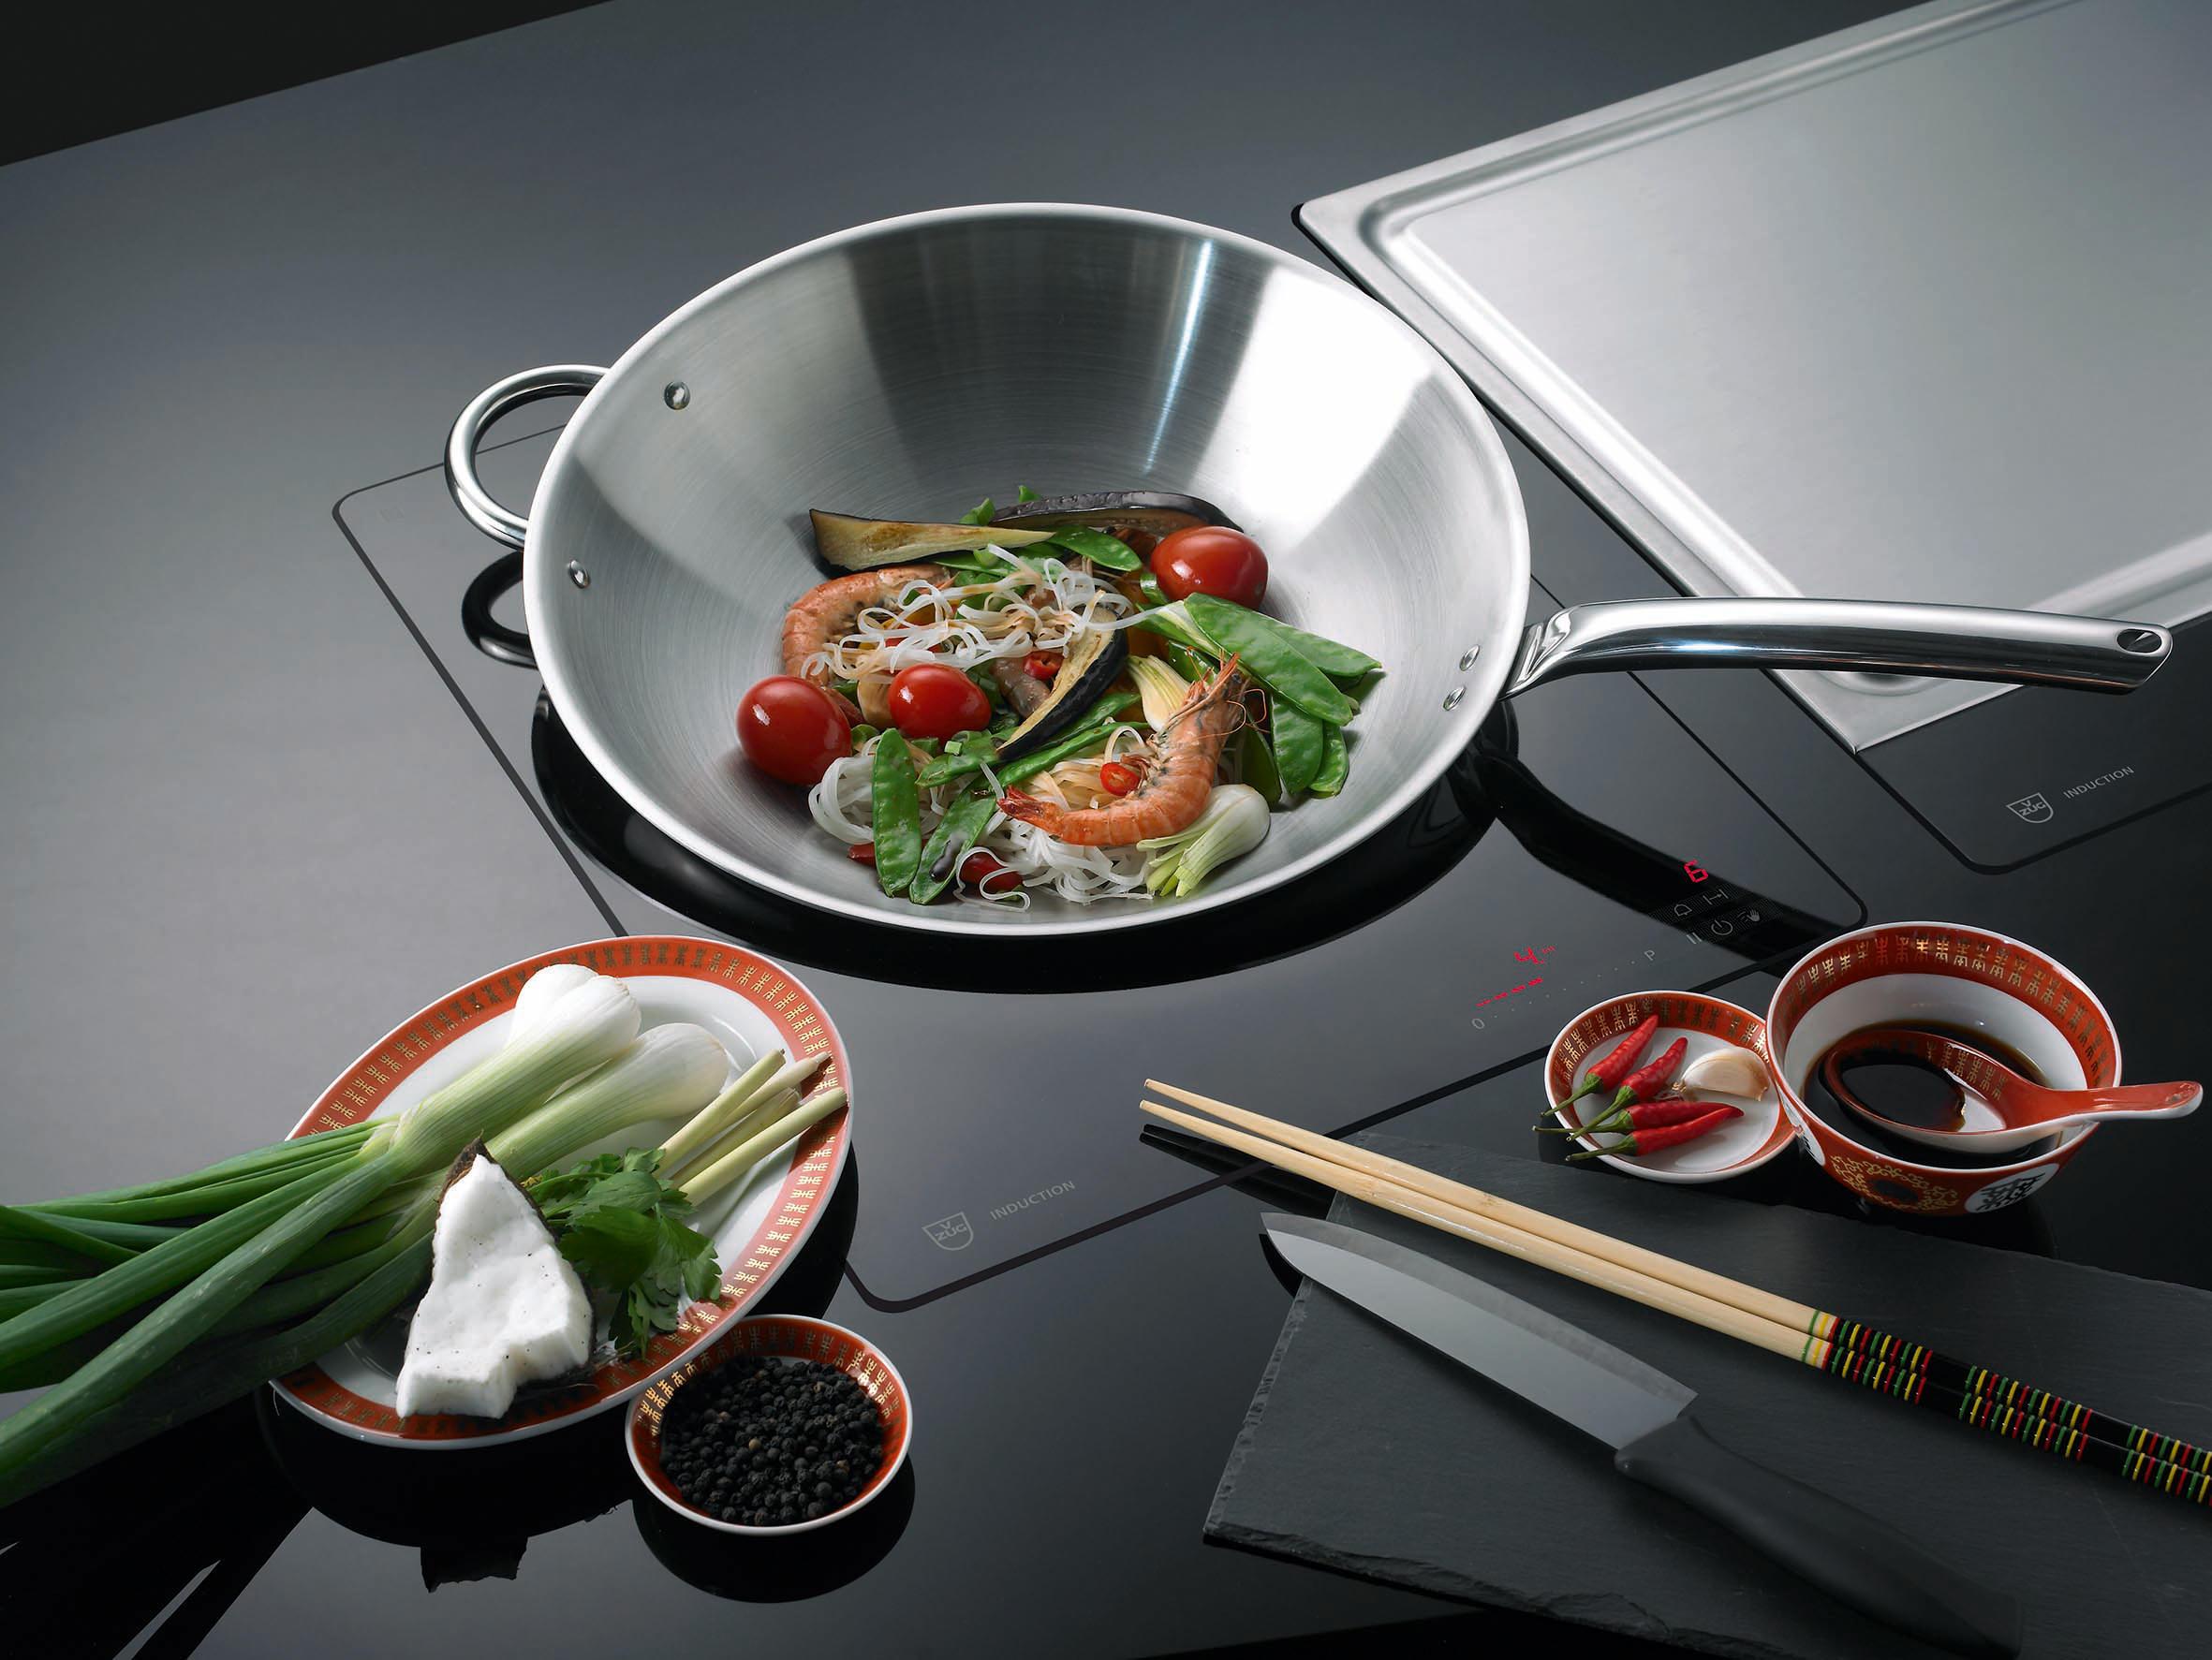 induction wok gk16tiws 1f slider hobs from v zug architonic. Black Bedroom Furniture Sets. Home Design Ideas